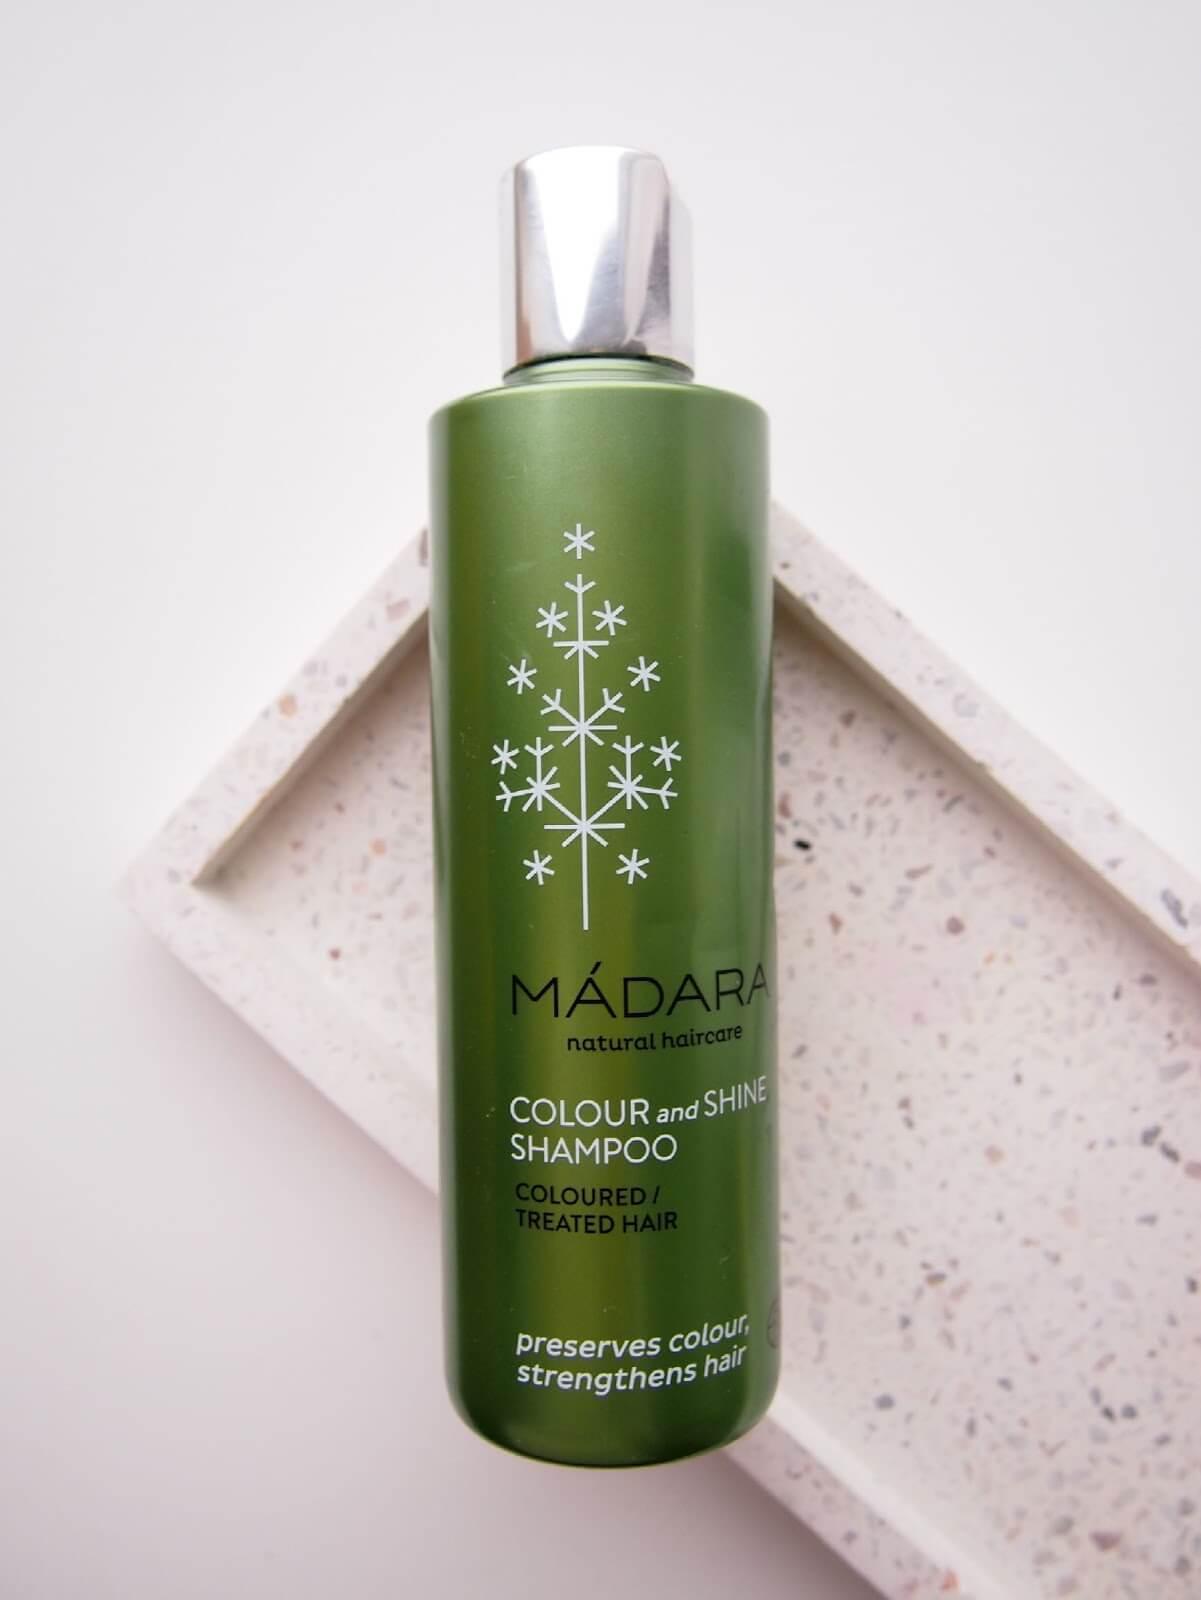 madara color and shine shampoo